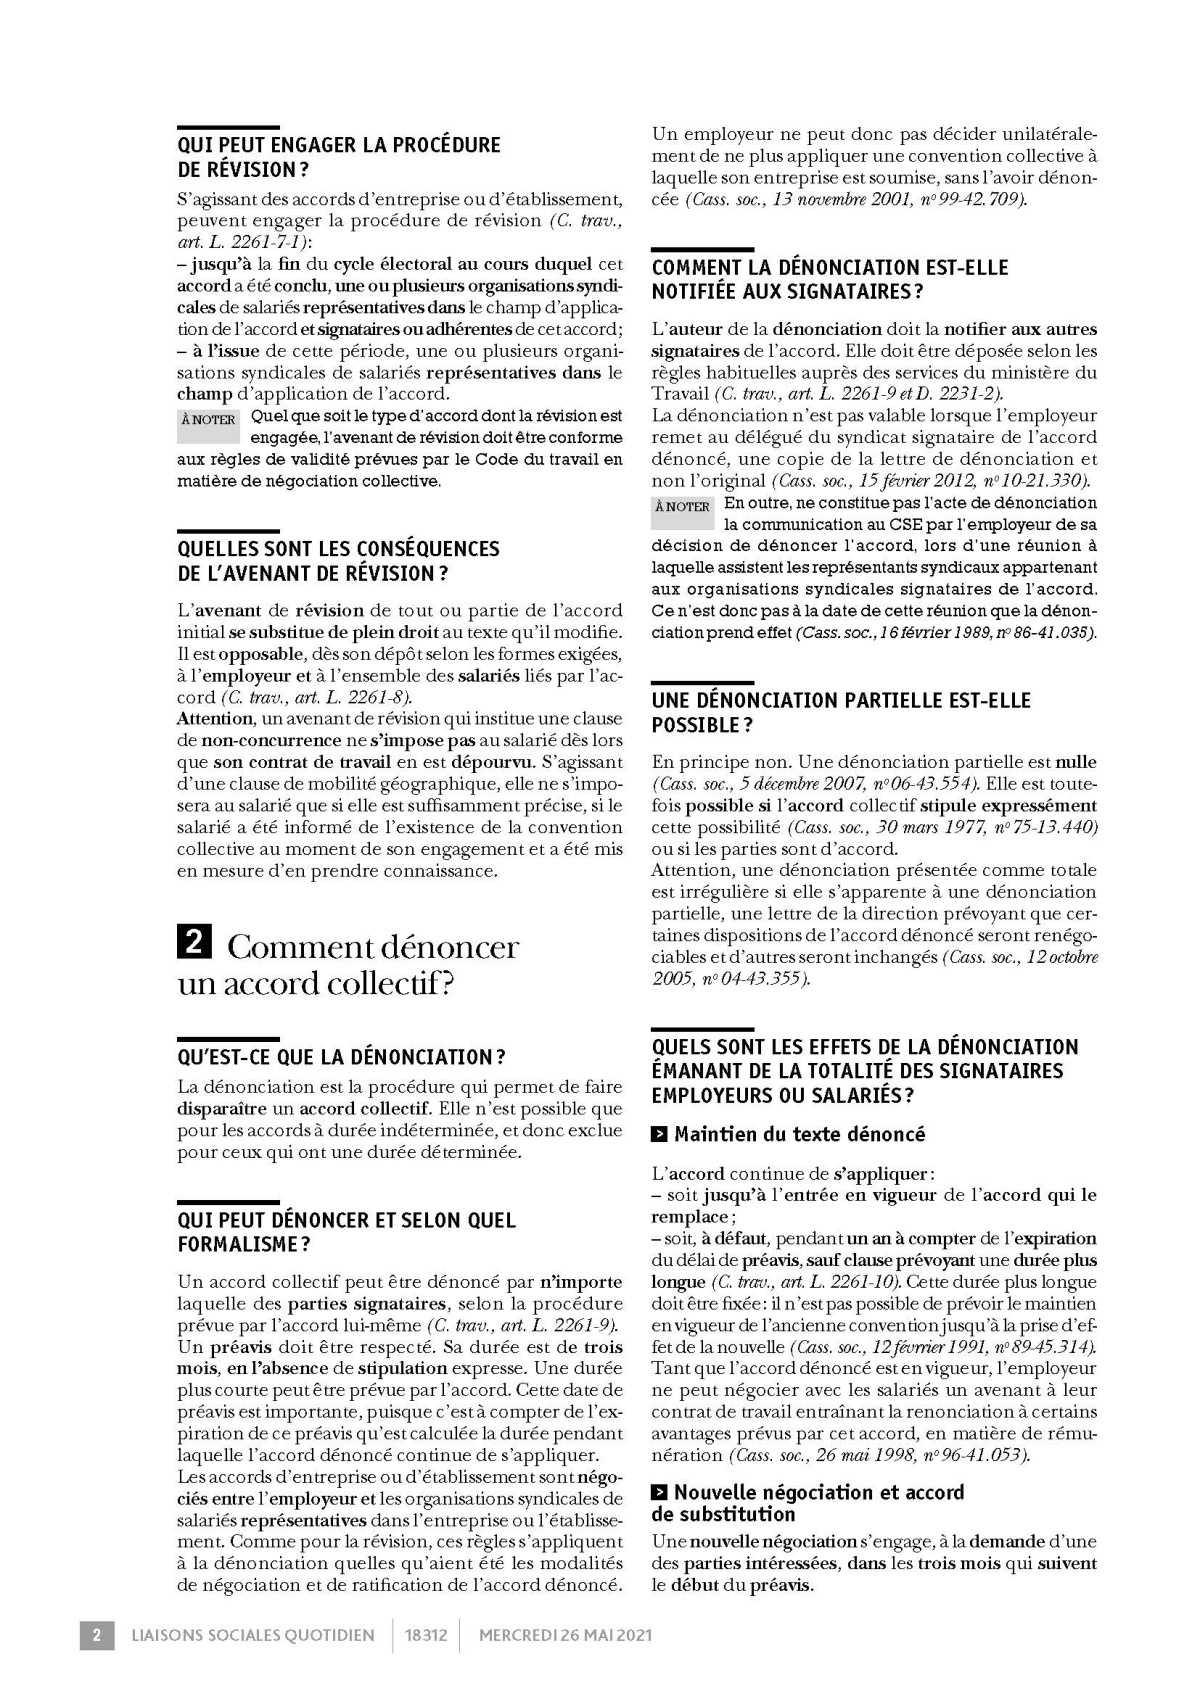 LSQ Comment réviser ou dénoncer accords collectifs